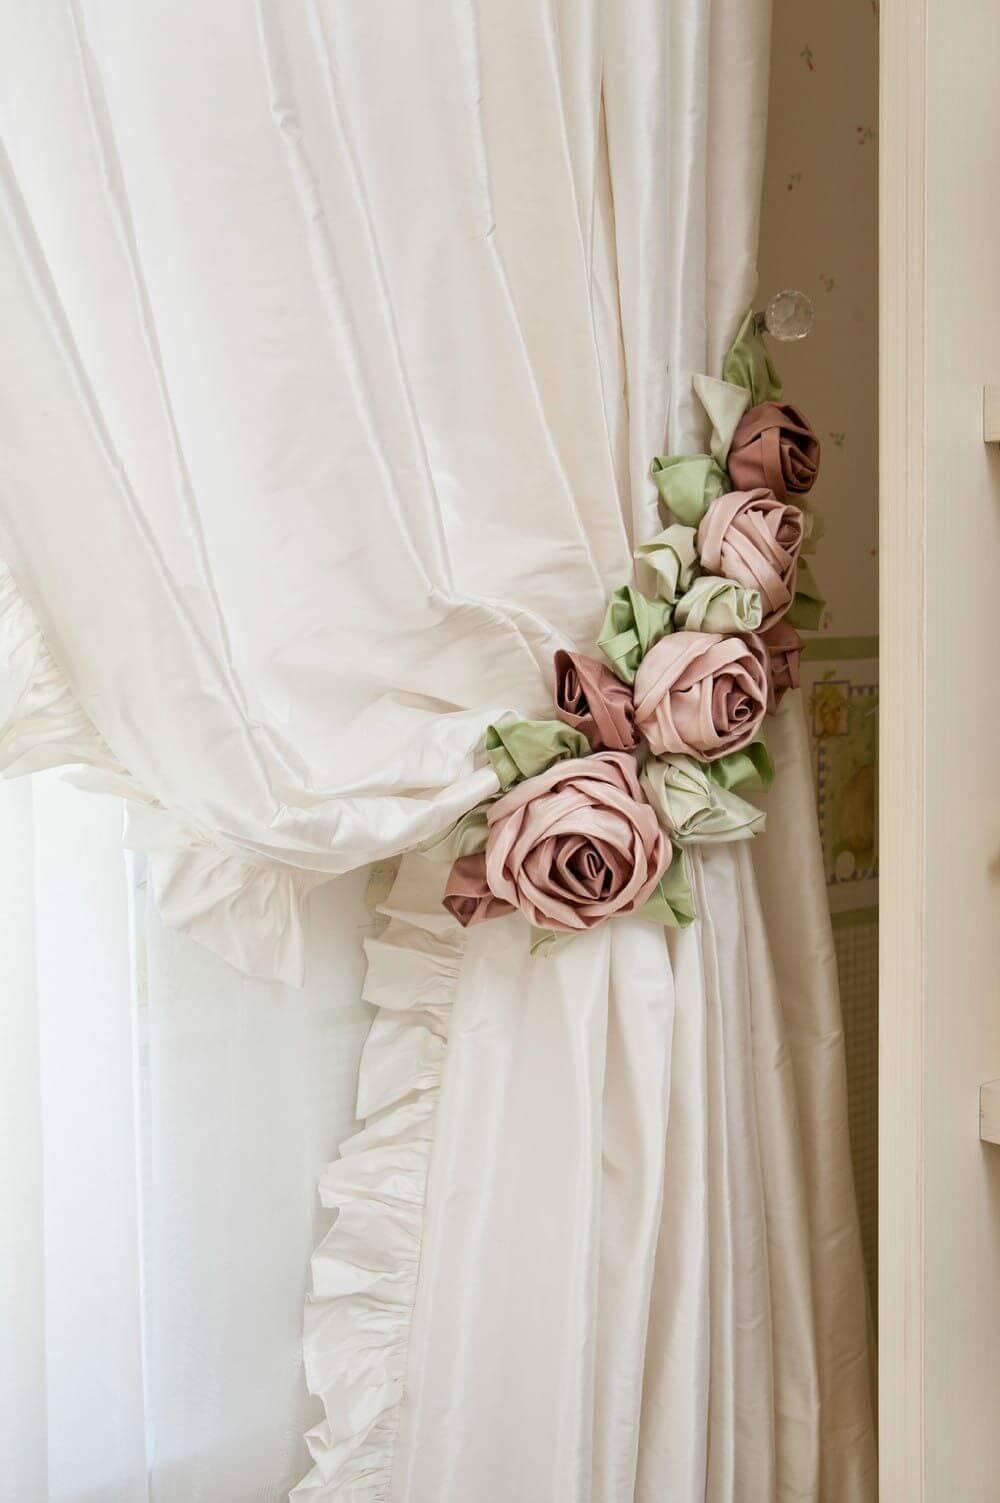 Nœuds de rideau rose shabby chic